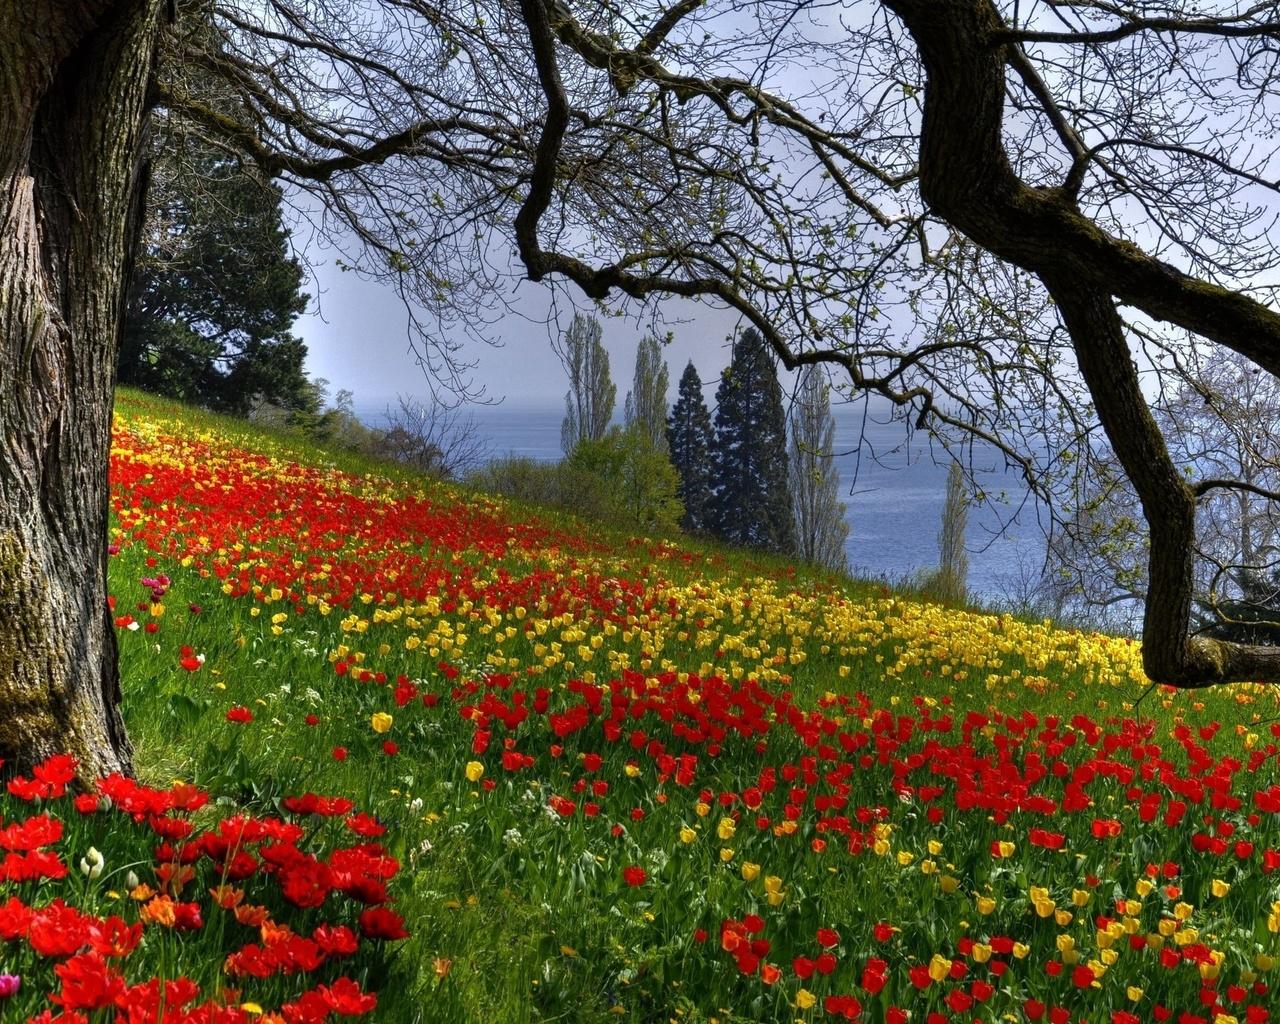 Цветы, тюльпаны, дерево, ветки, весна, природа